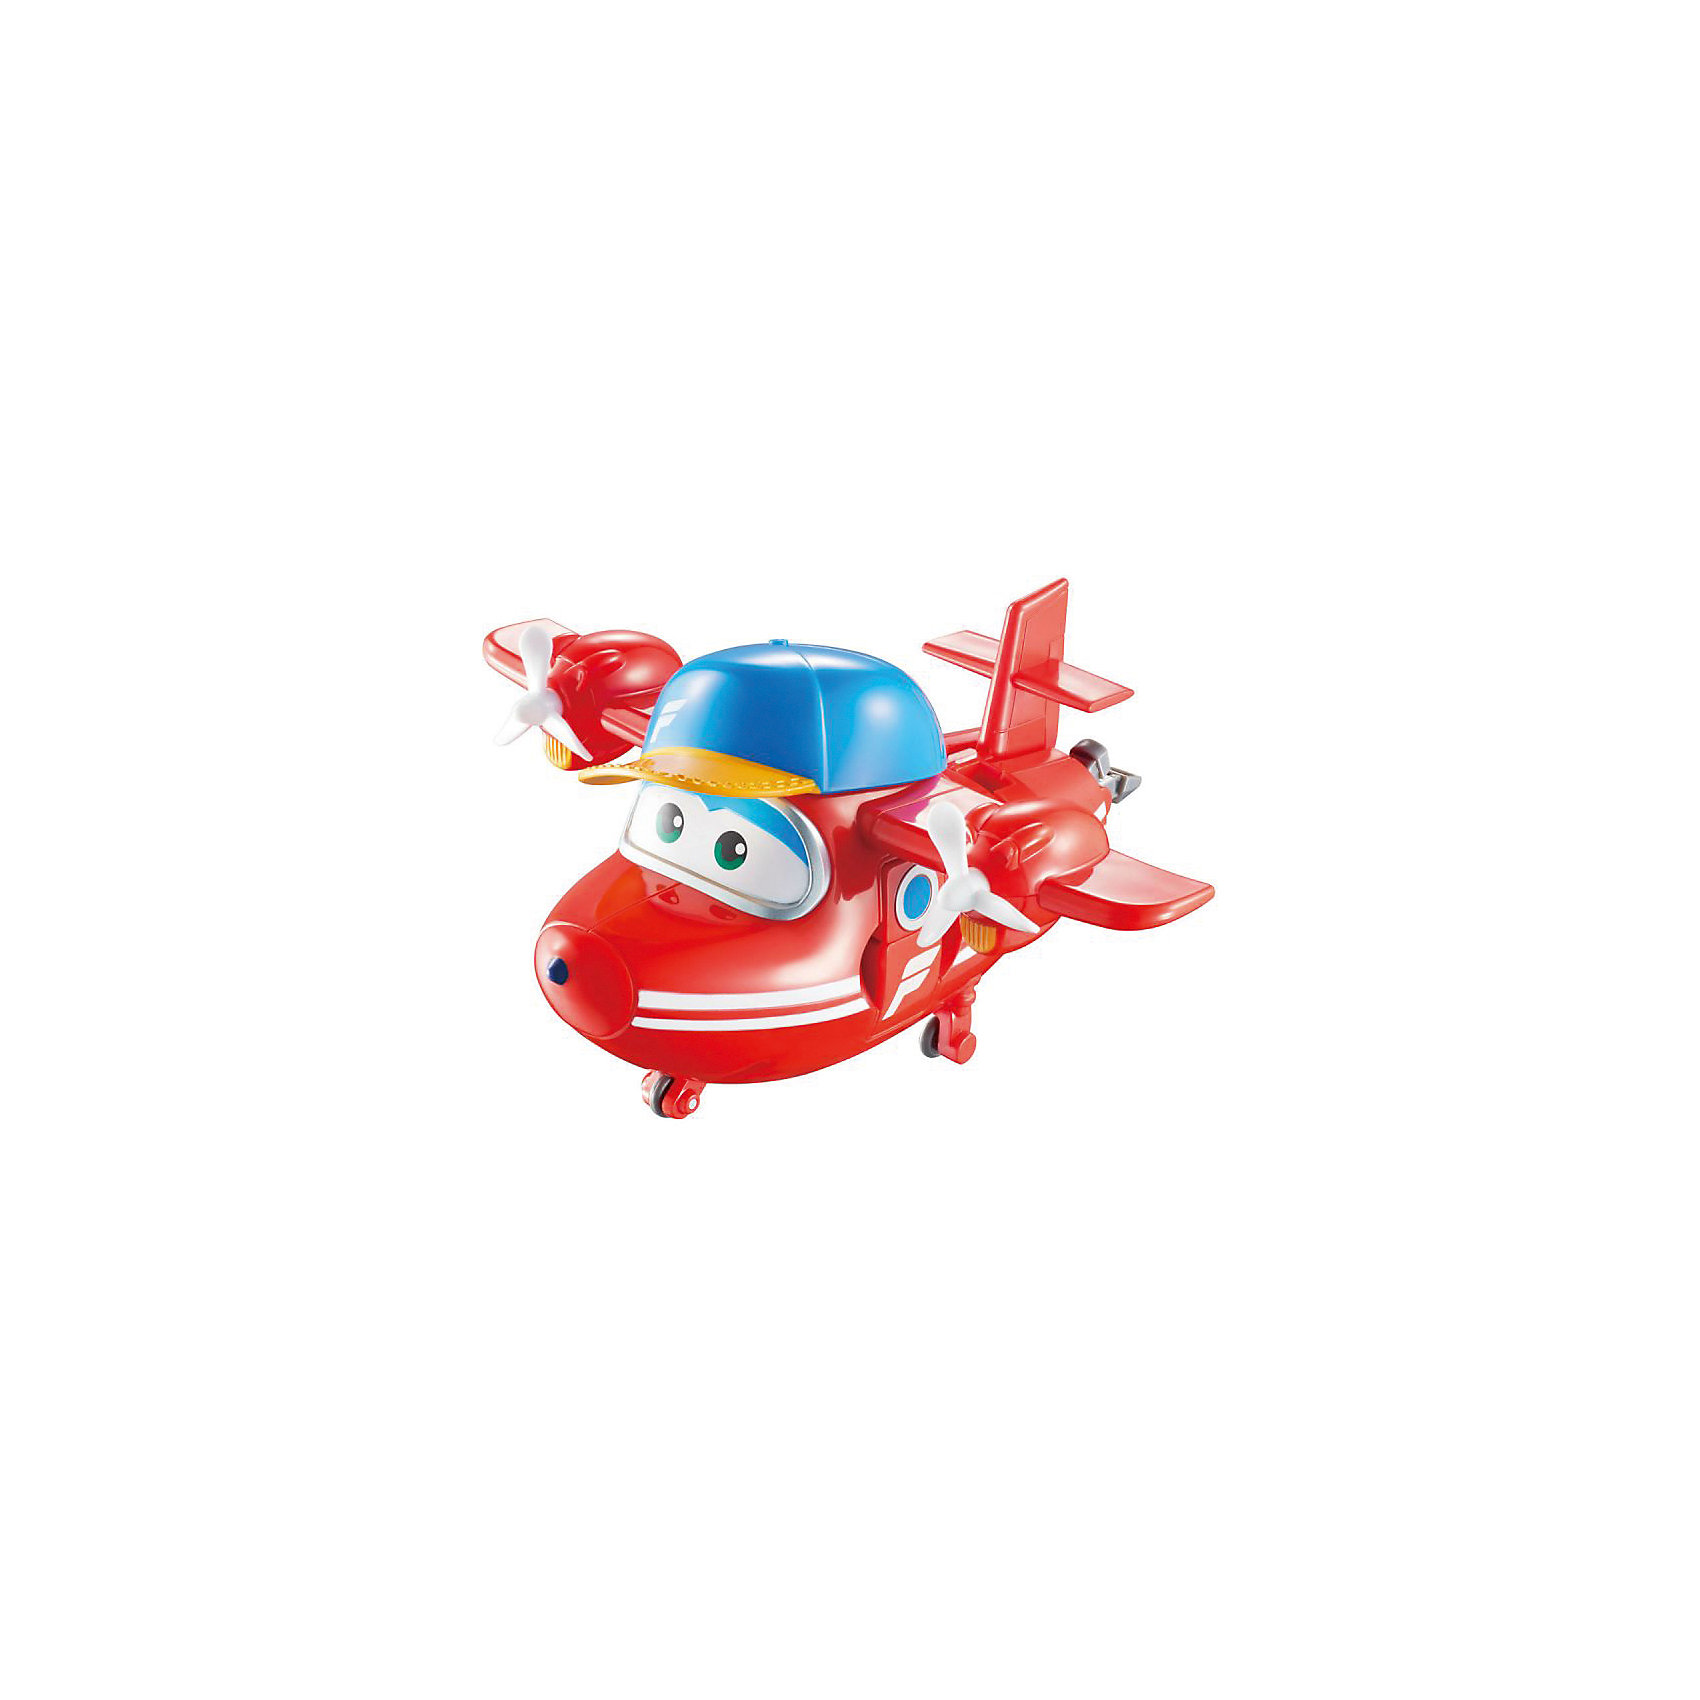 Фигурка-трансформер Auldey Toys Супер Крылья, ФлипТрансформеры-игрушки<br>0,304358446144791<br><br>Ширина мм: 9999<br>Глубина мм: 9999<br>Высота мм: 9999<br>Вес г: 328<br>Возраст от месяцев: 36<br>Возраст до месяцев: 120<br>Пол: Унисекс<br>Возраст: Детский<br>SKU: 7104030